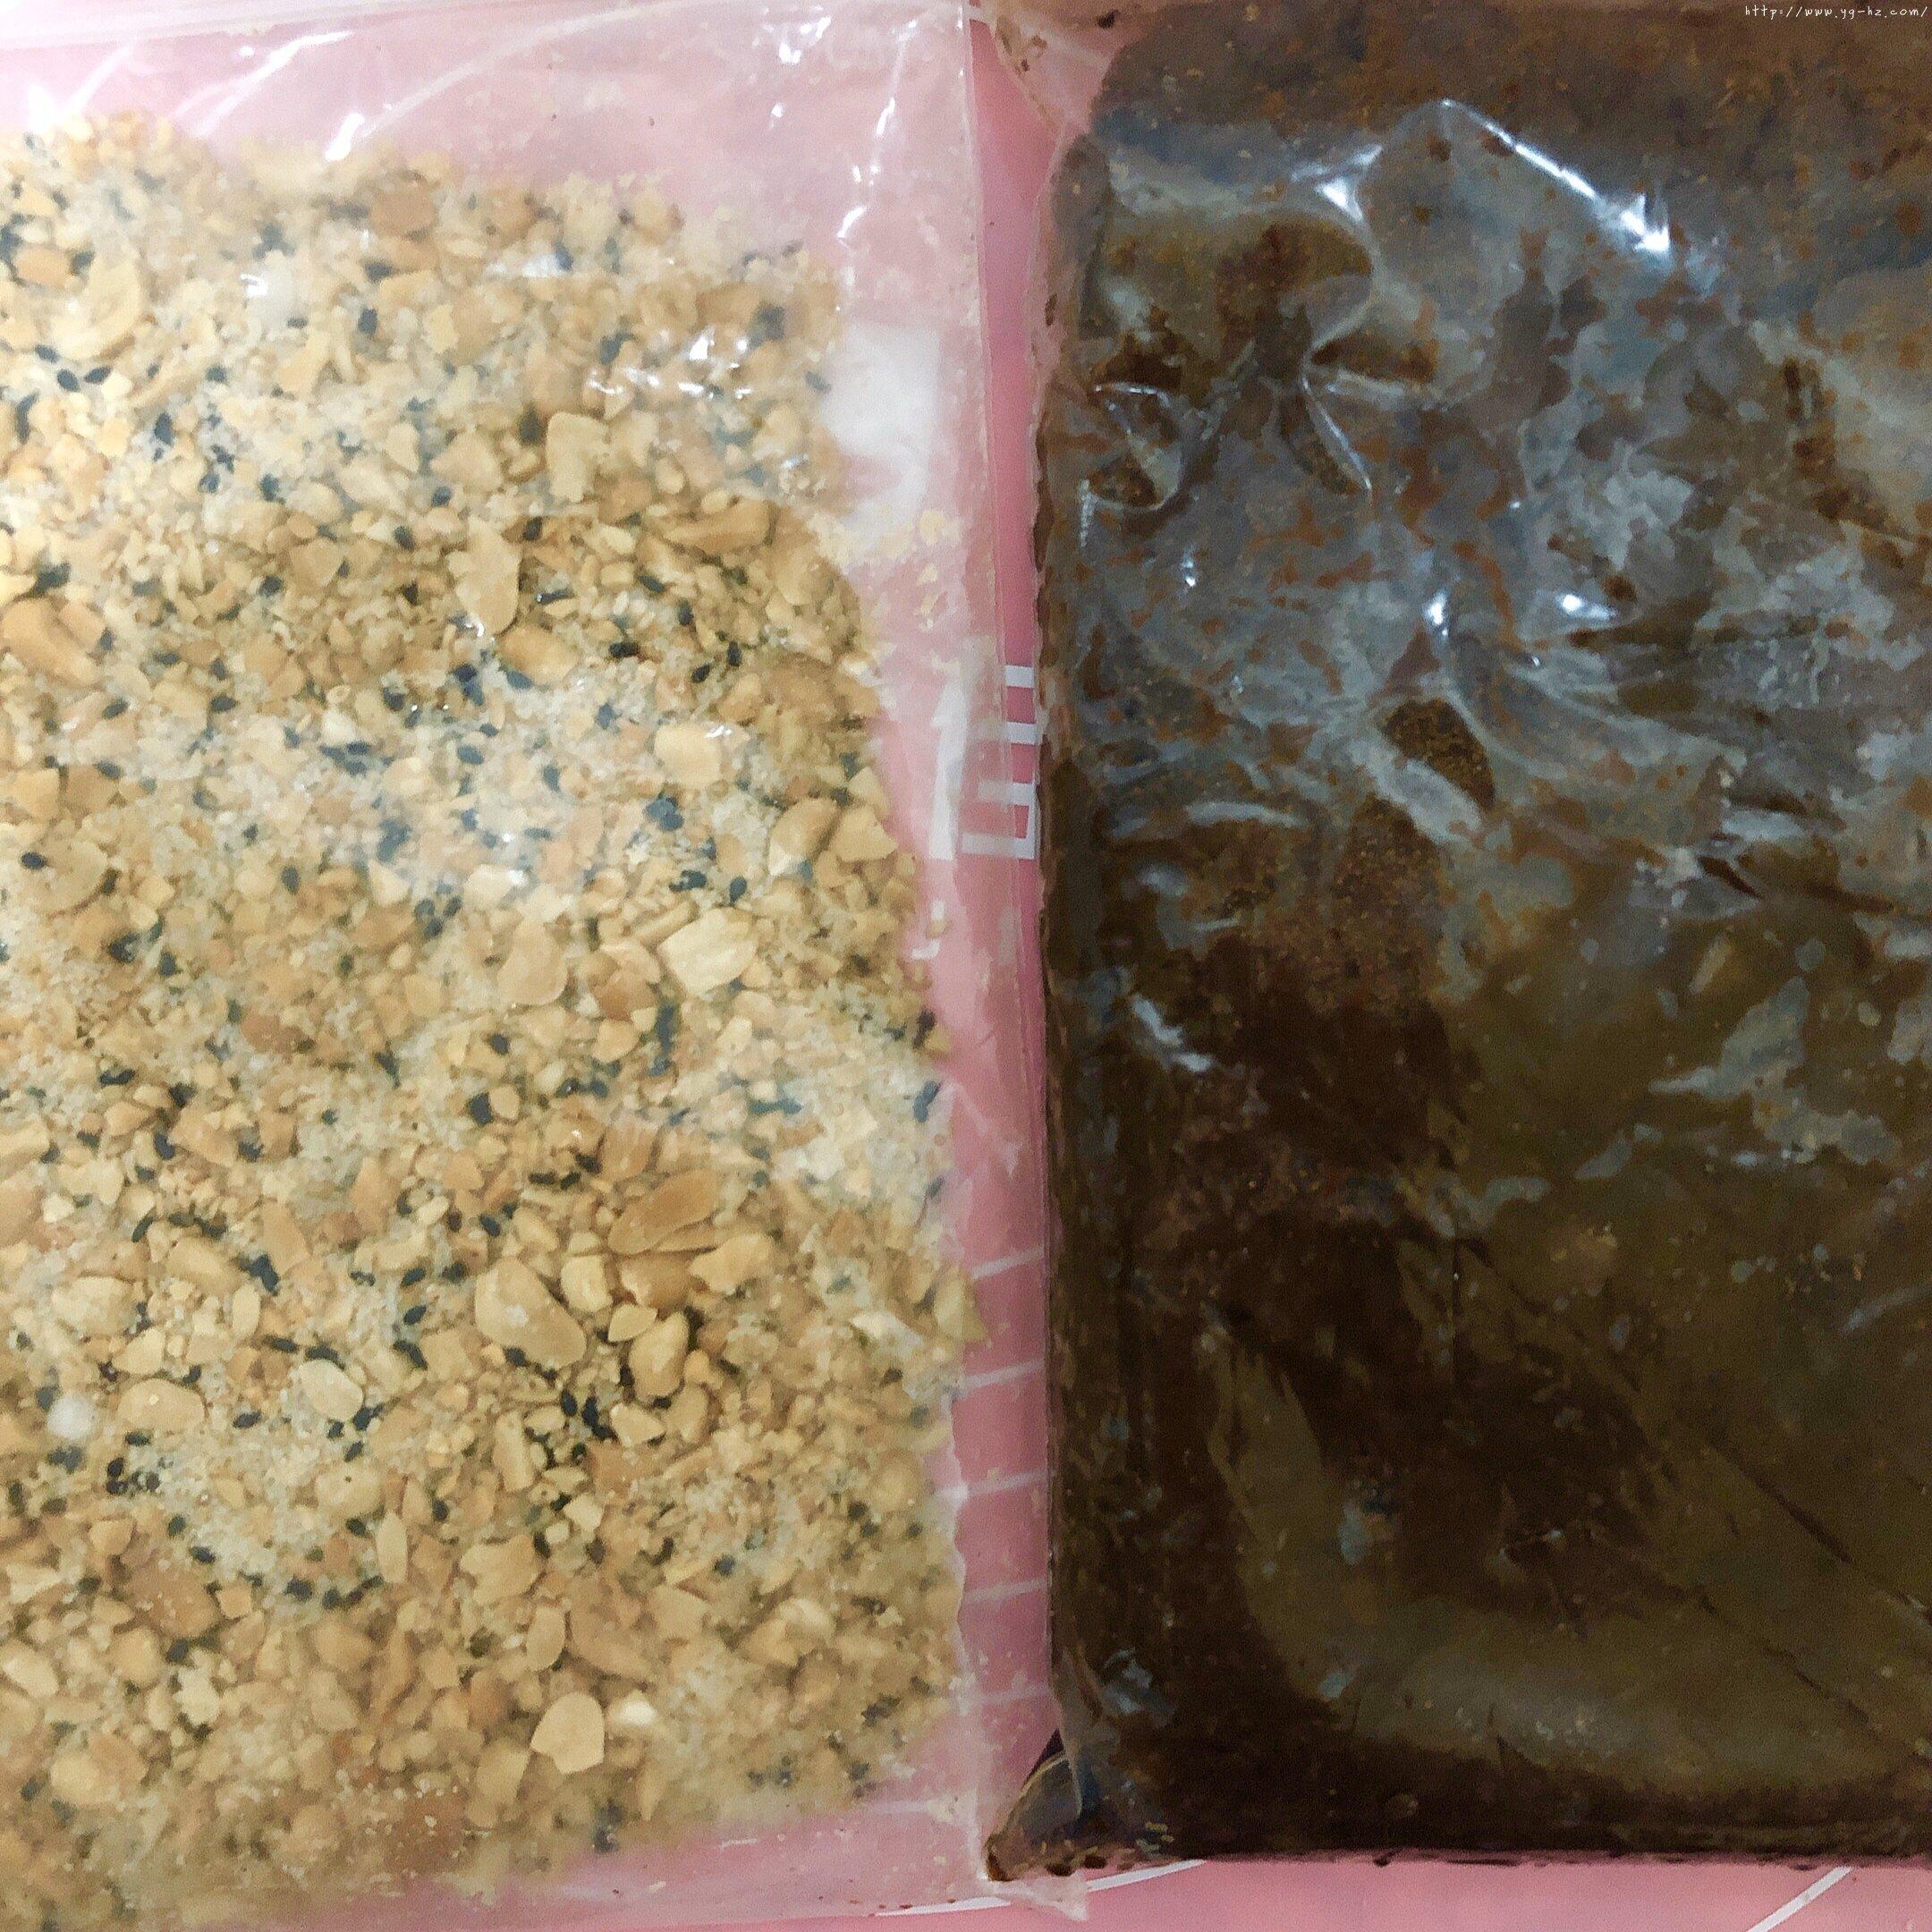 妈妈的最爱--花生芝麻糯米糍凉糕(附带烤花生做法)的做法 步骤5